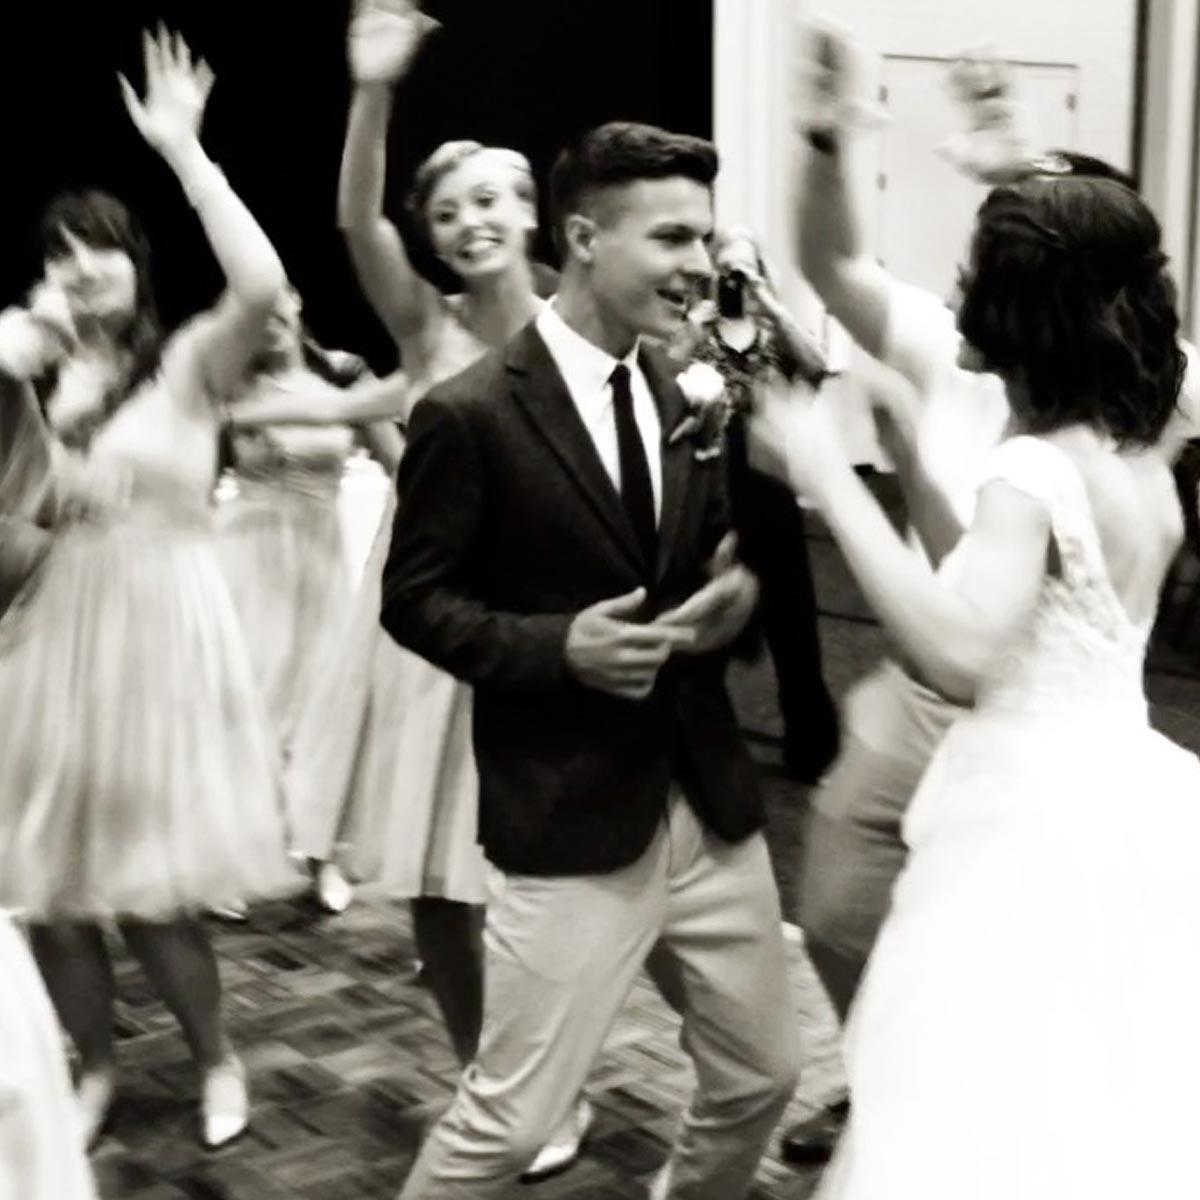 insta edit nashville wedding.jpg